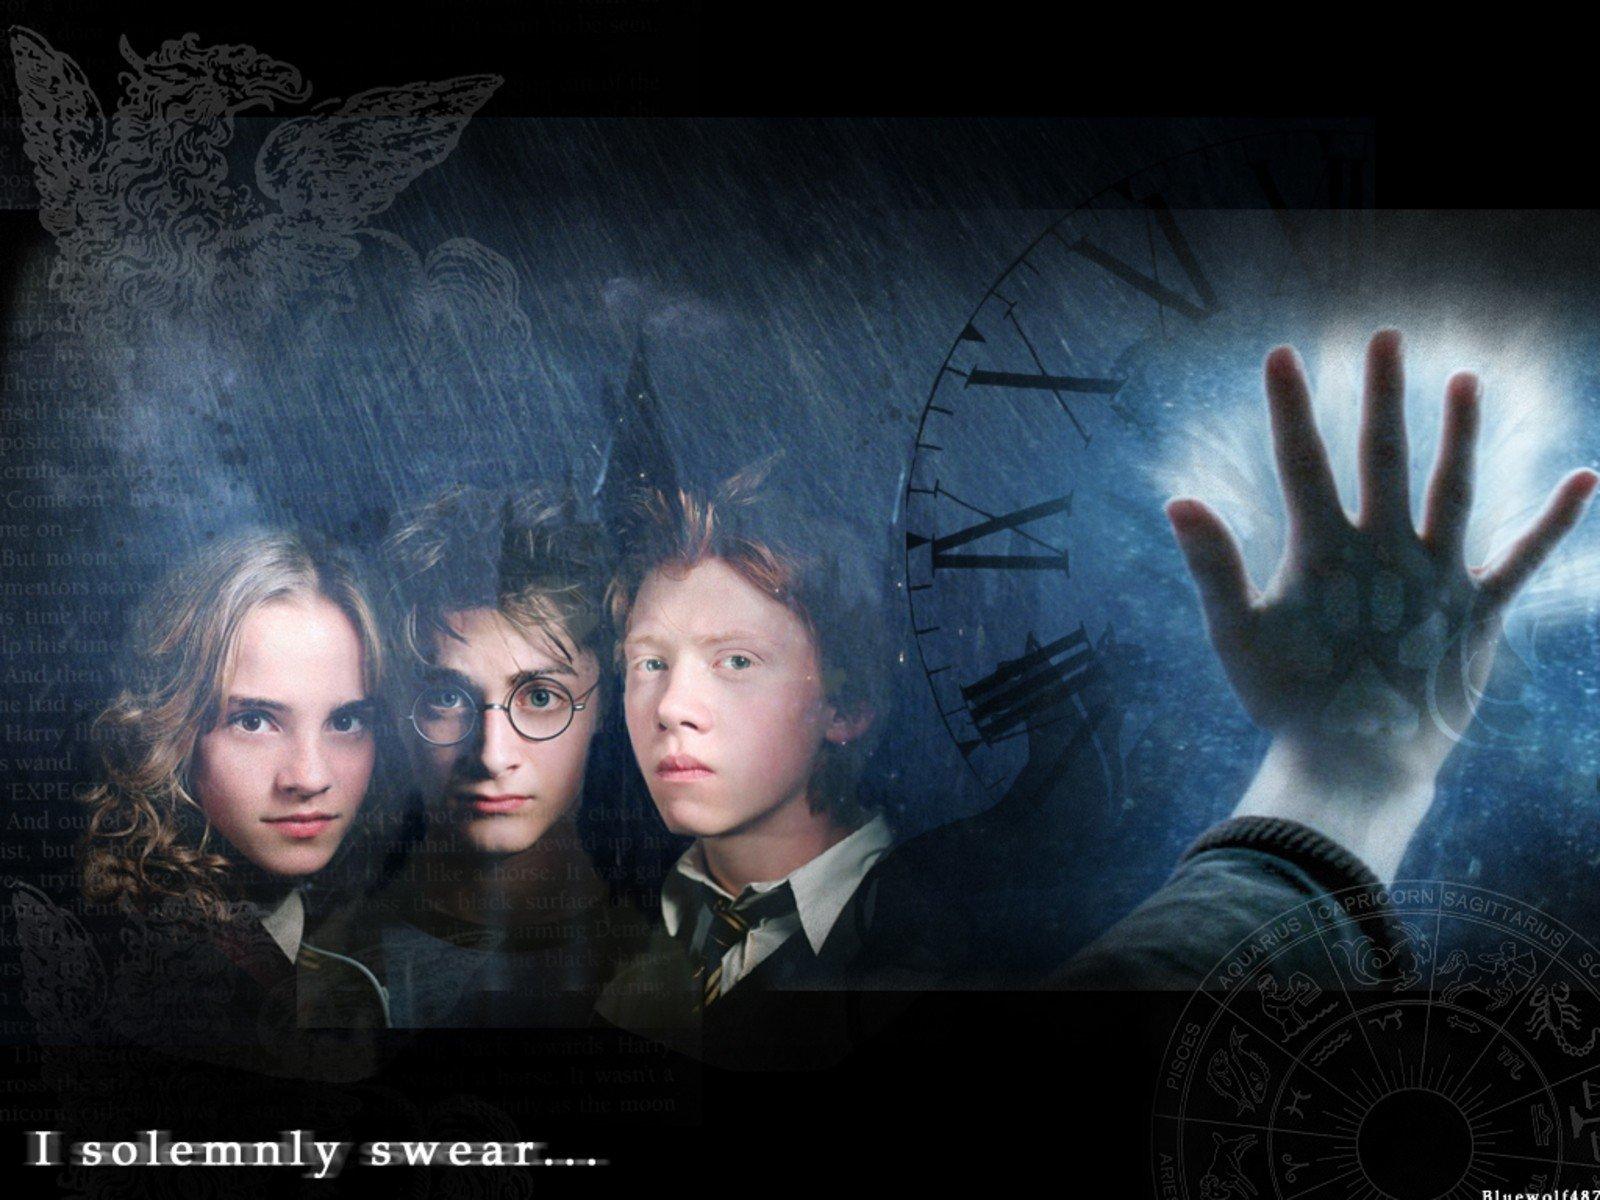 Best Wallpaper Harry Potter Blue - 3d3730304f1ada93d292fae92b3a0995  Trends_738334.jpg